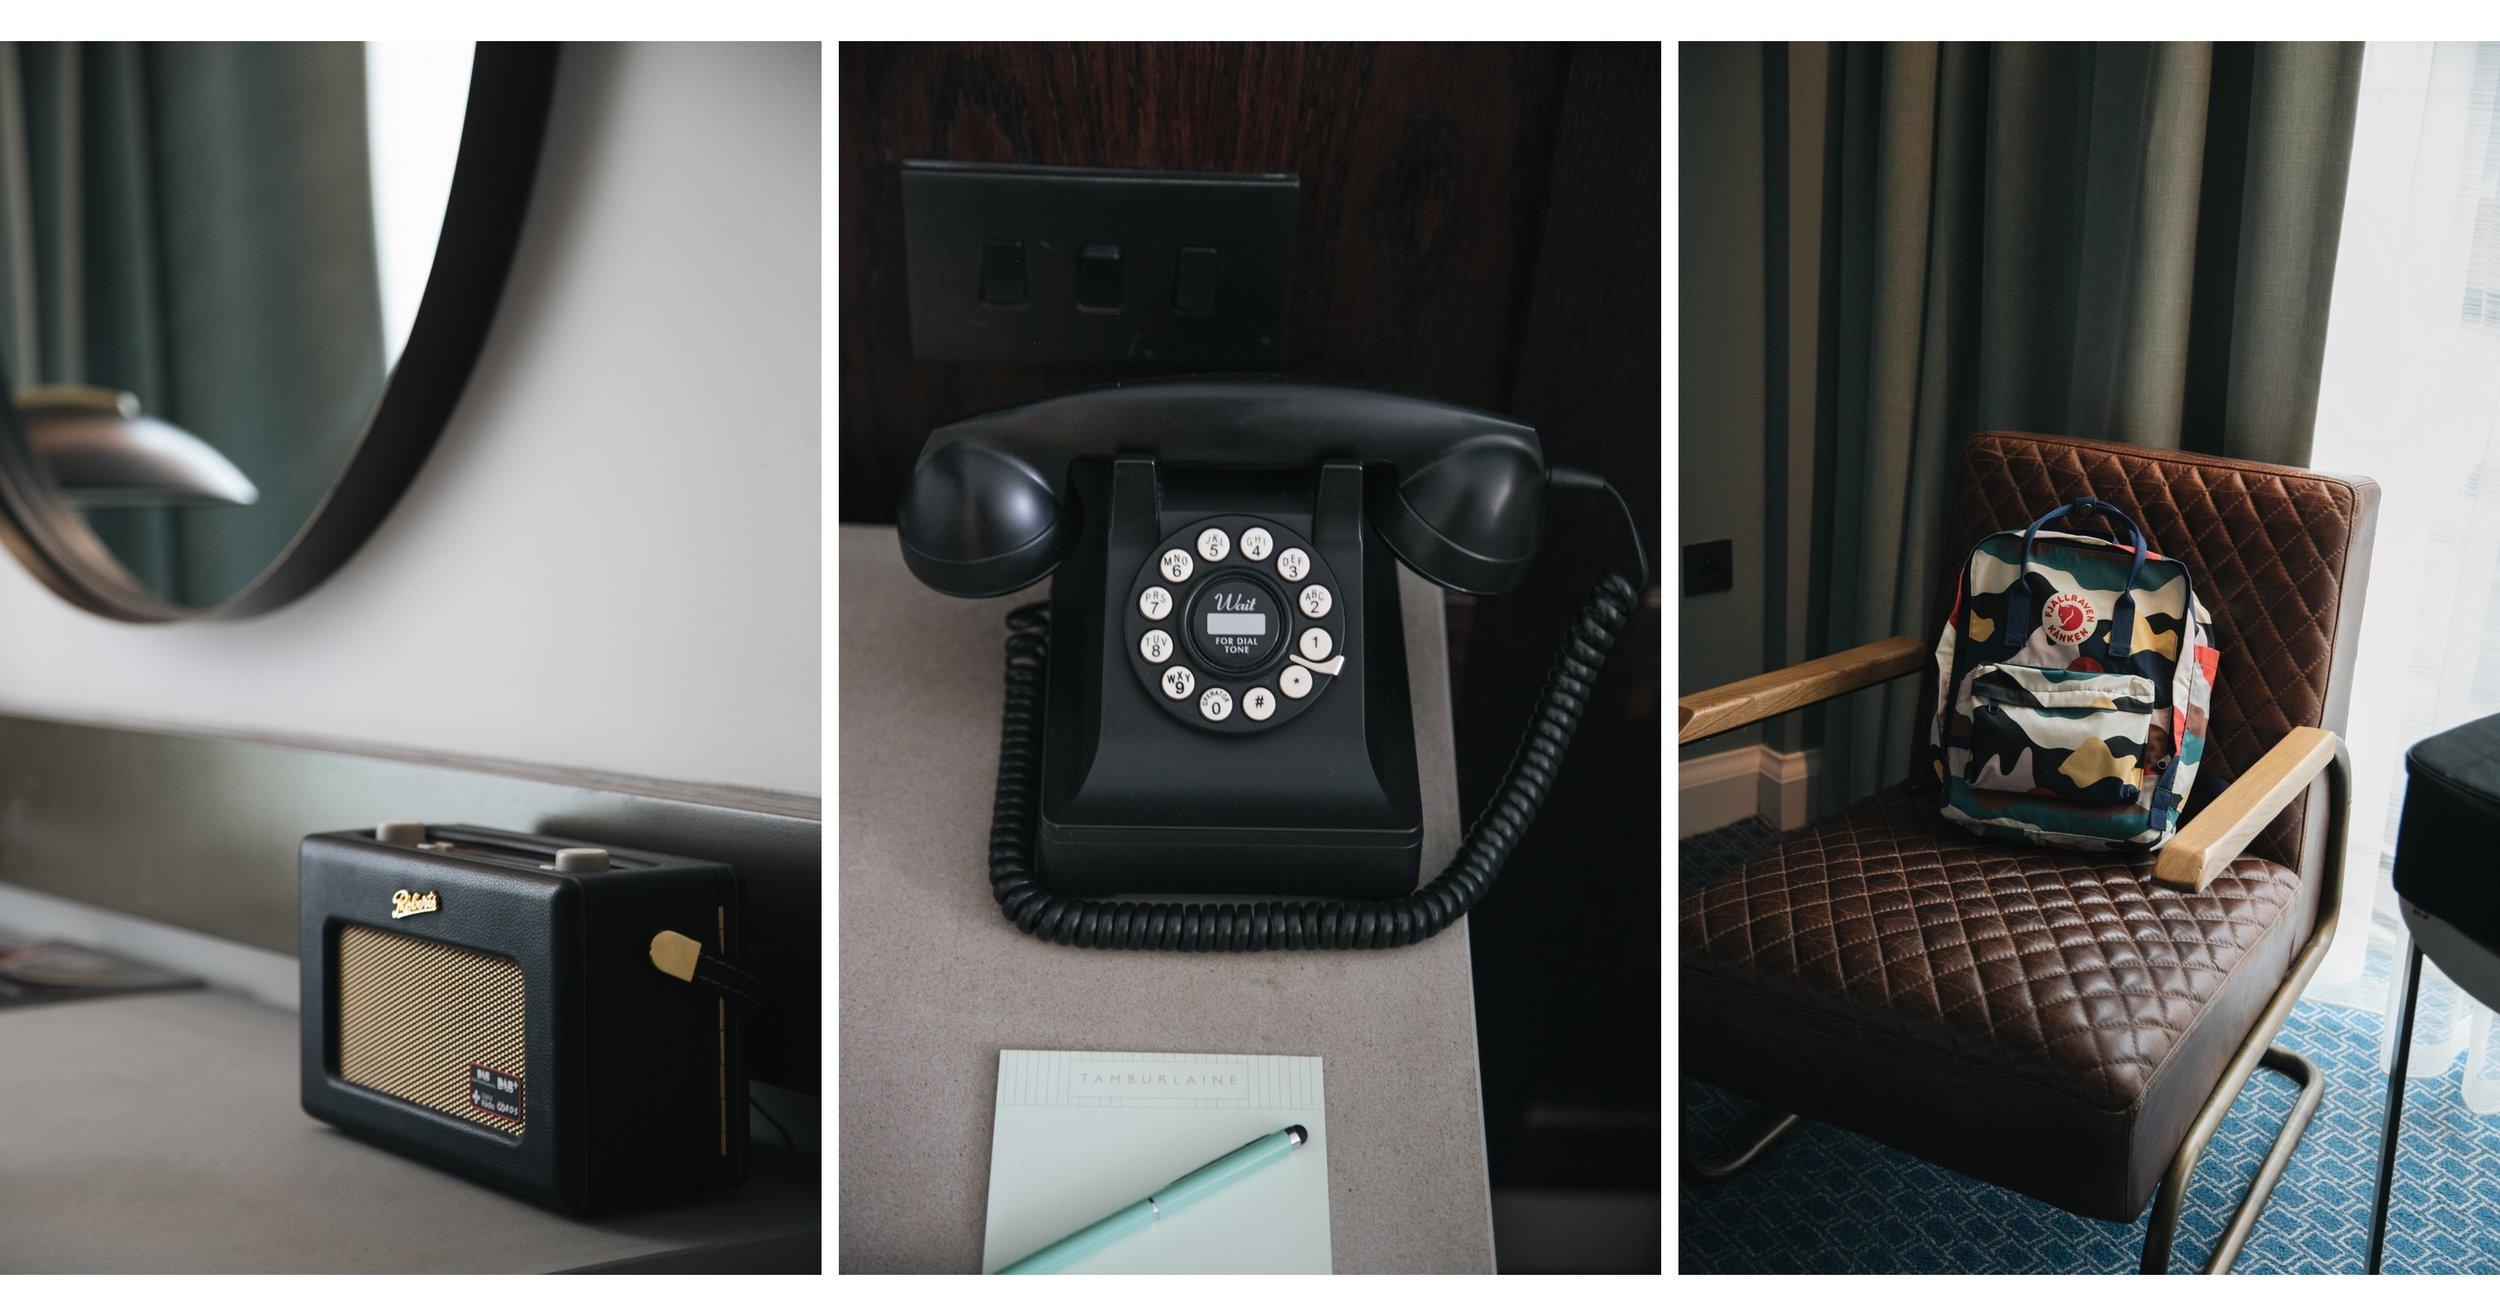 The-Tamburlaine-hotel-cambridge-details-fjallraven-kankenart.jpg